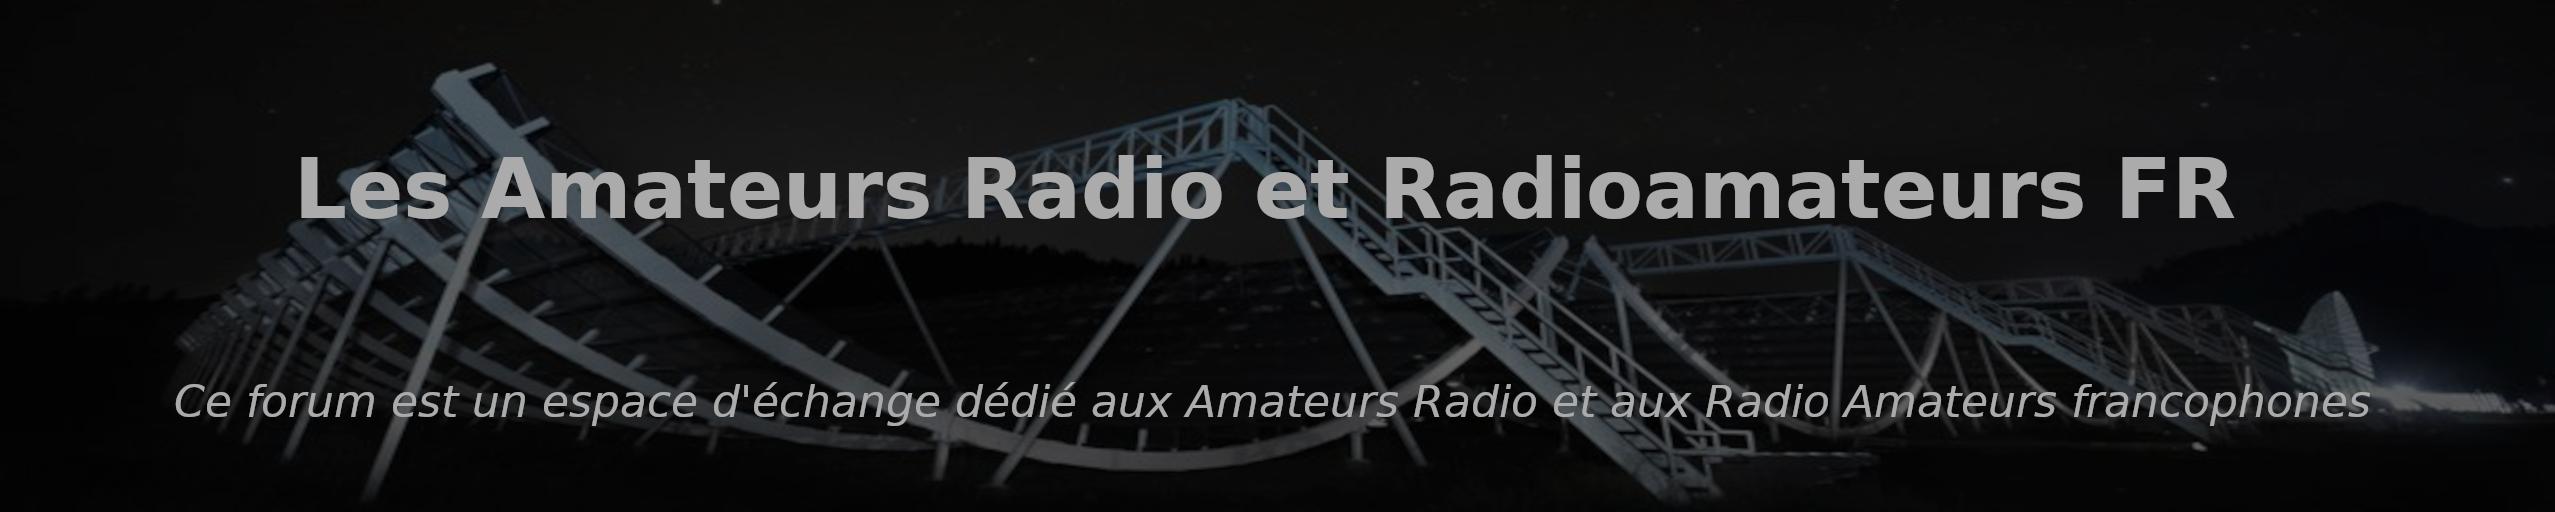 Les Amateurs Radio et Radios Amateurs FR Chime-10